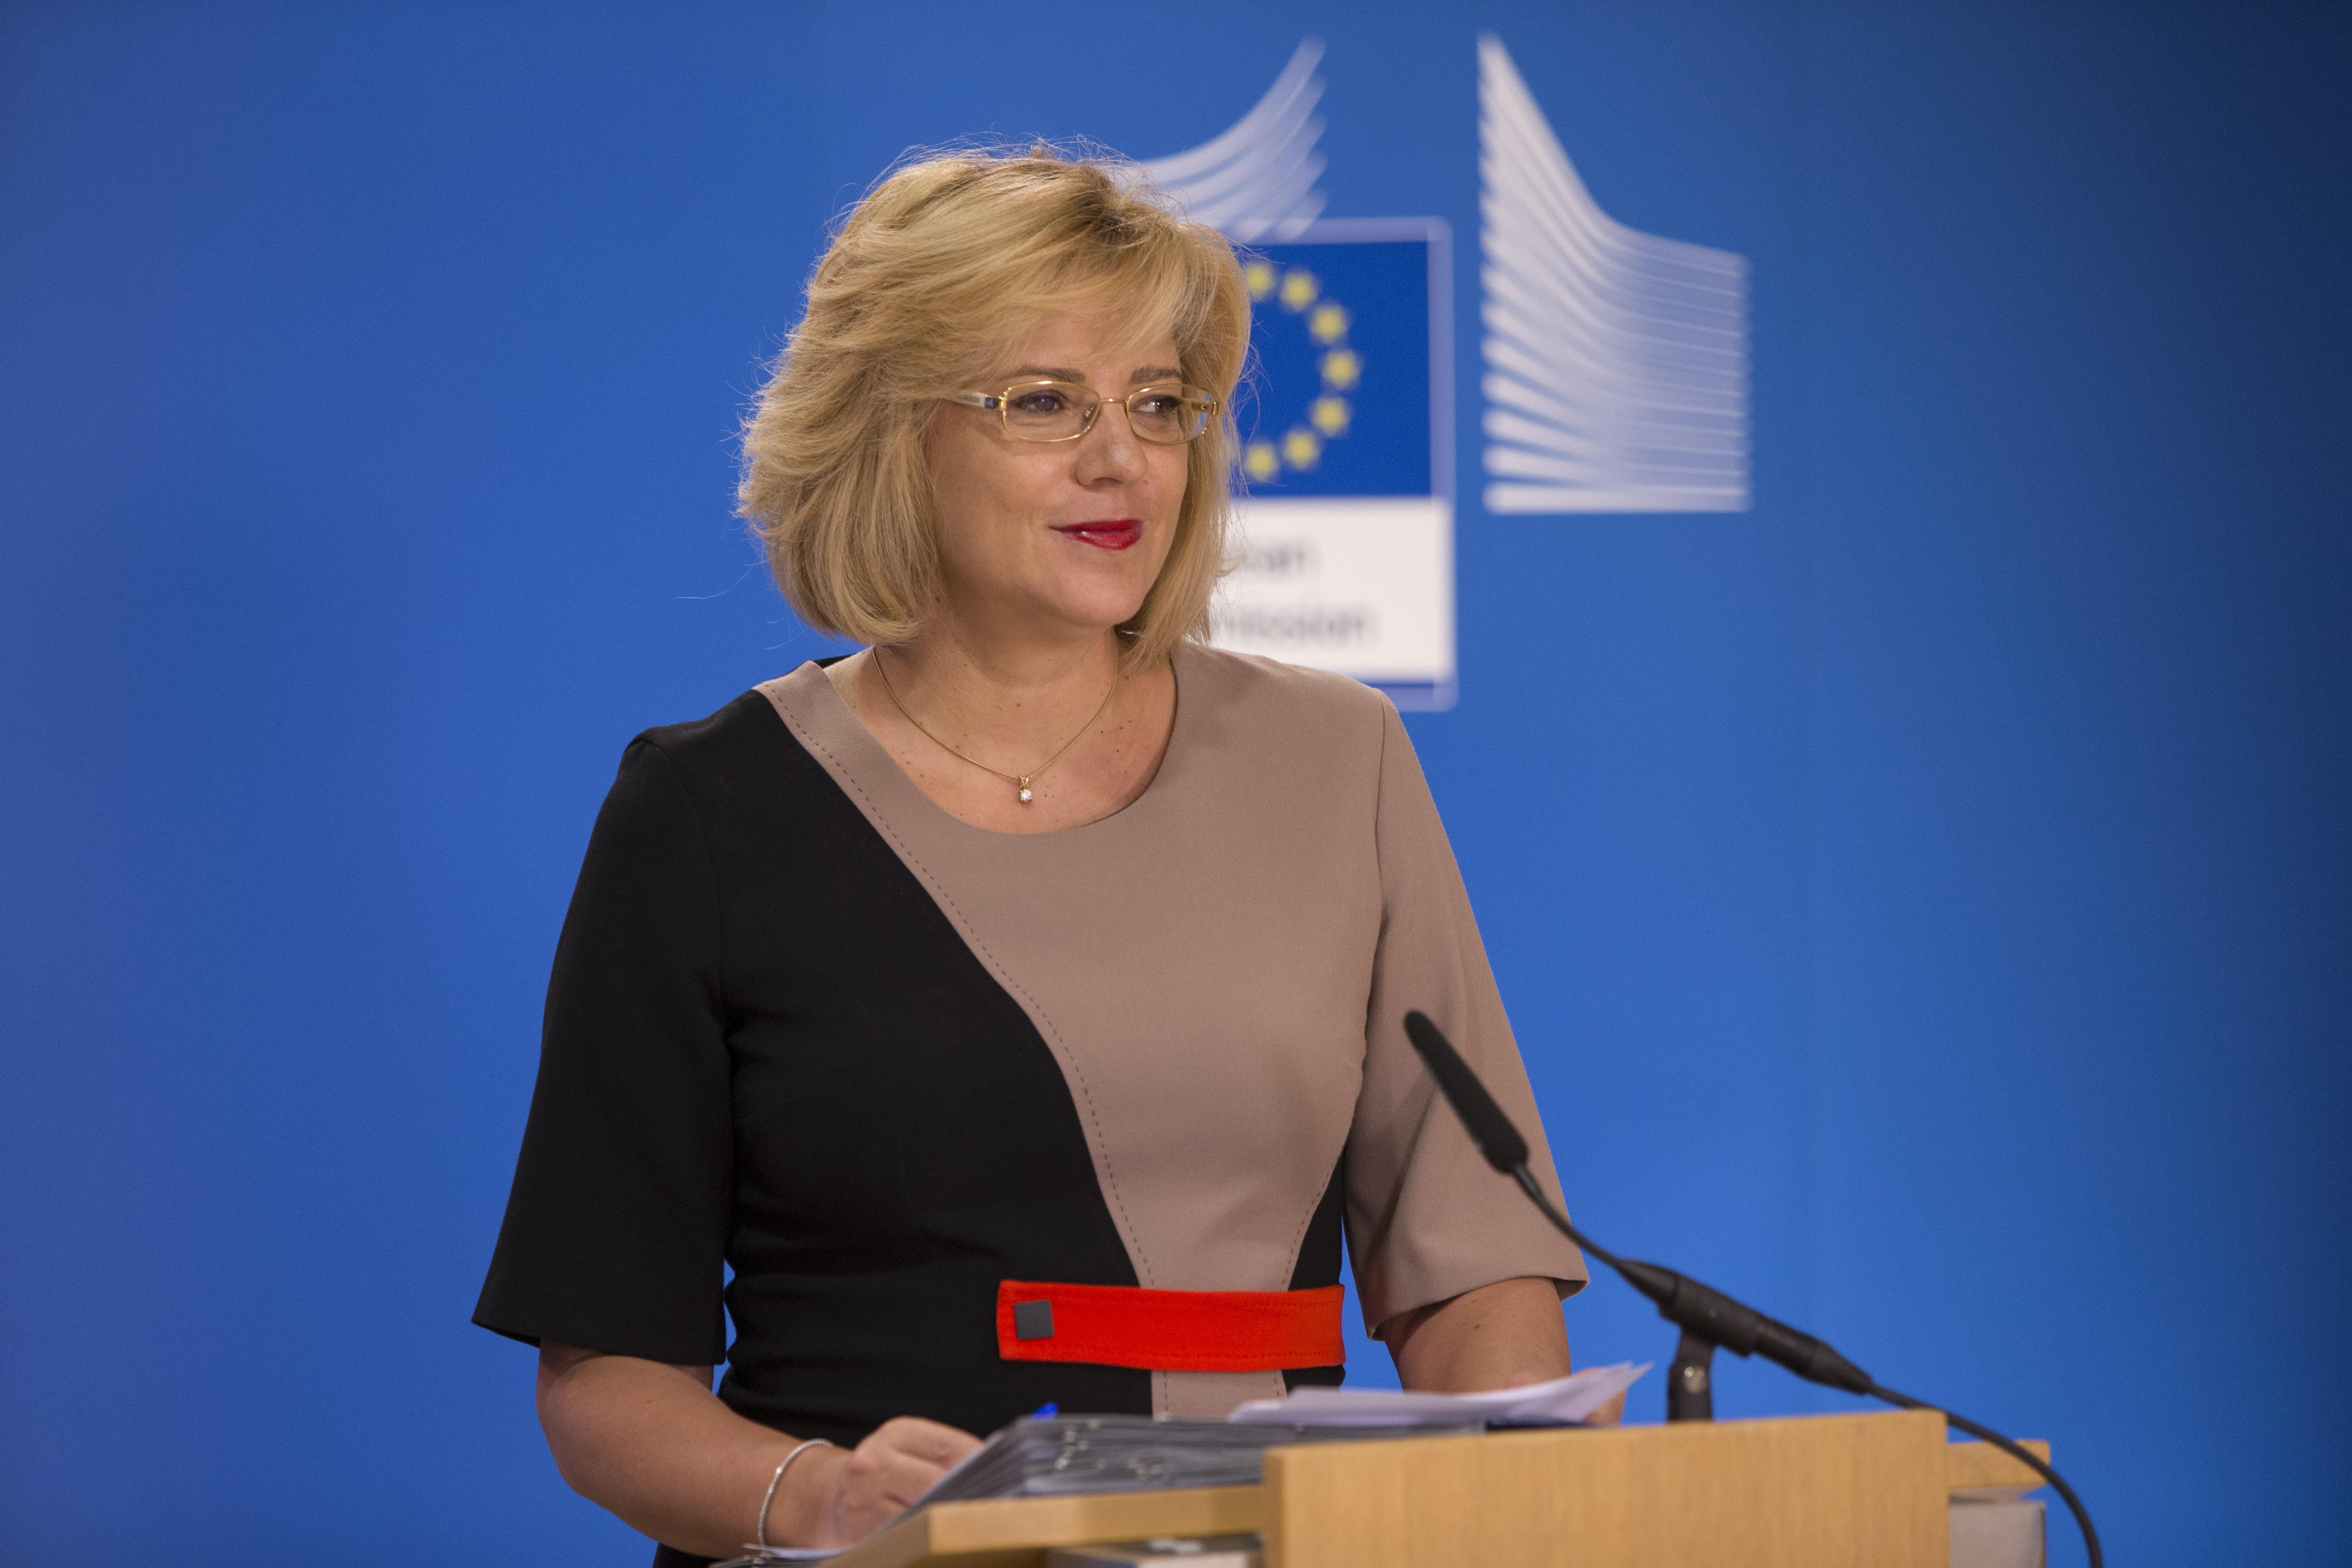 Comisia Europeană nu este agreată ideea alocării de fonduri doar pentru documentaţie, este de părere comisarul pentru politica regională, Corina Creţu.